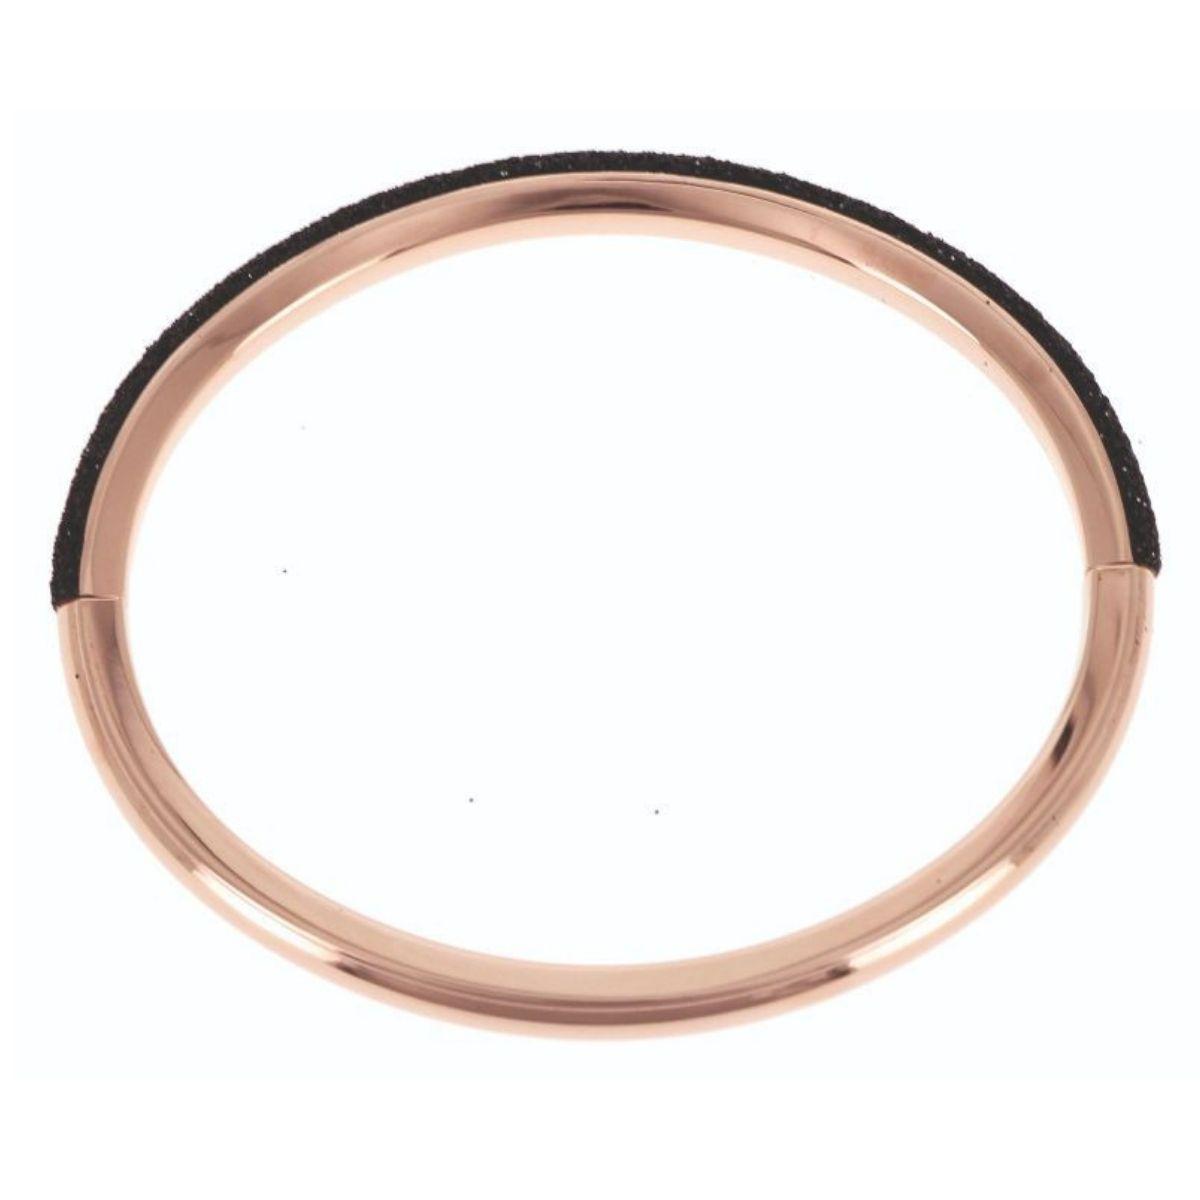 Bracciale-Pesavento-Polvere-di-sogni-WPLVB1242- polvere nera